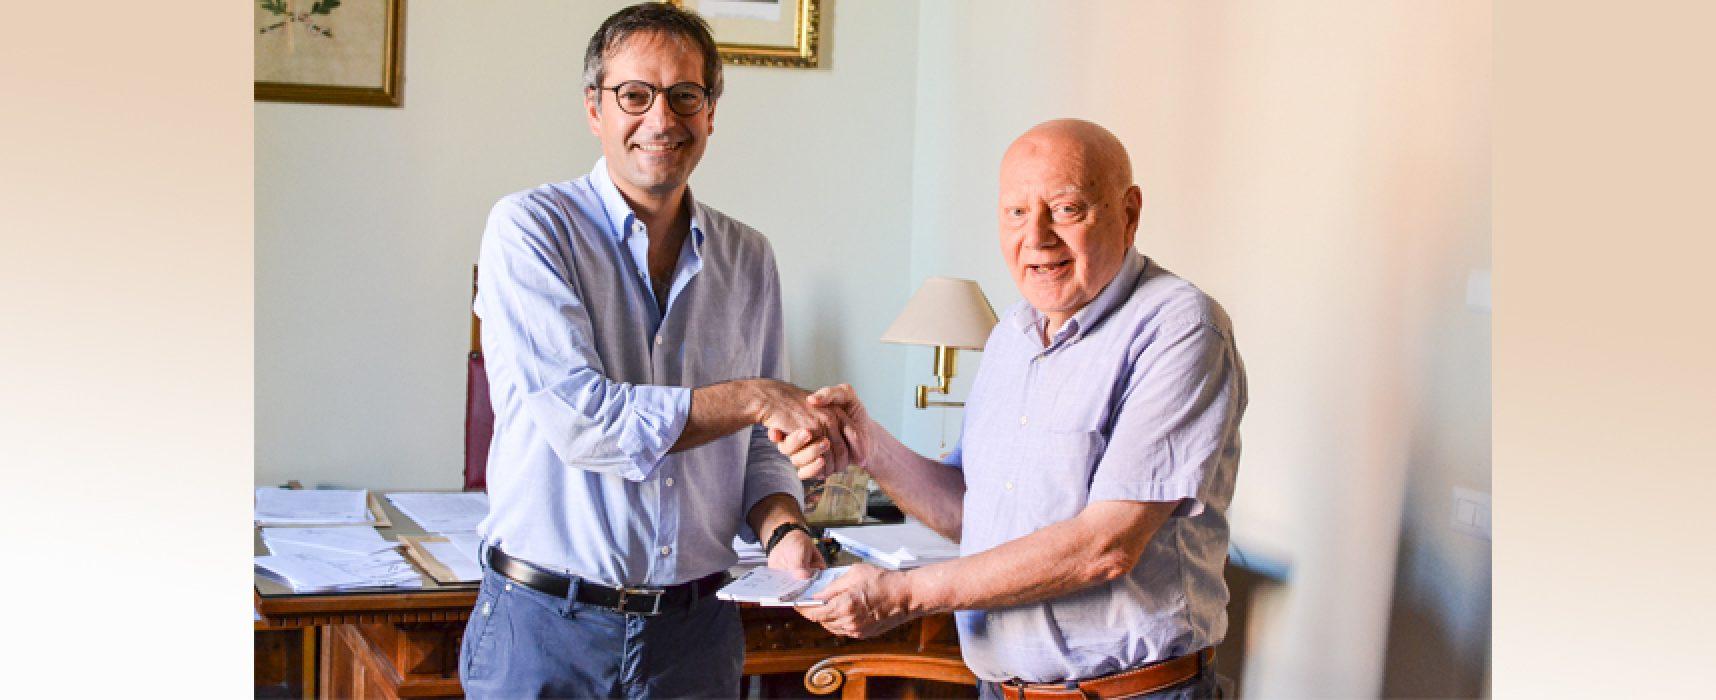 Il sindaco dona biglietti dei concerti all'Avis, l'associazione festeggia i suoi 60 anni